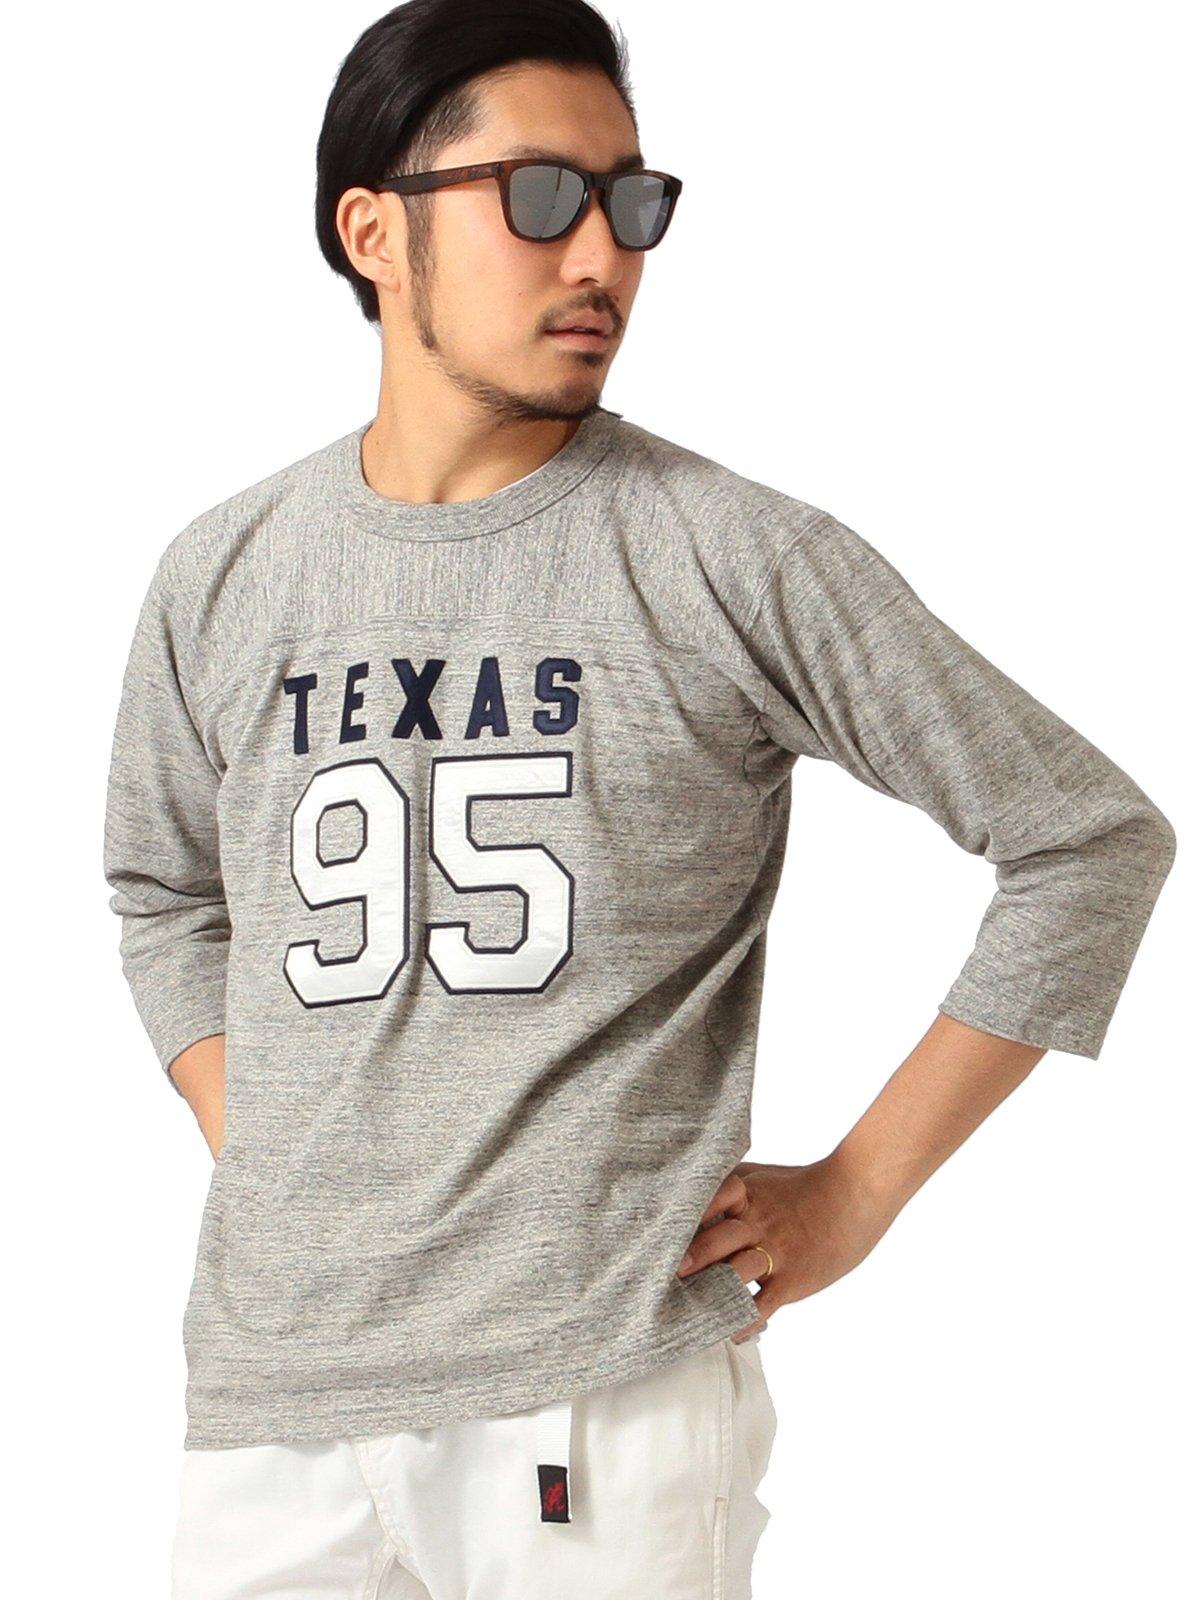 (ビームス) BEAMS CHESWICK×BEAMS / 別注 3/4フットボールシャツ